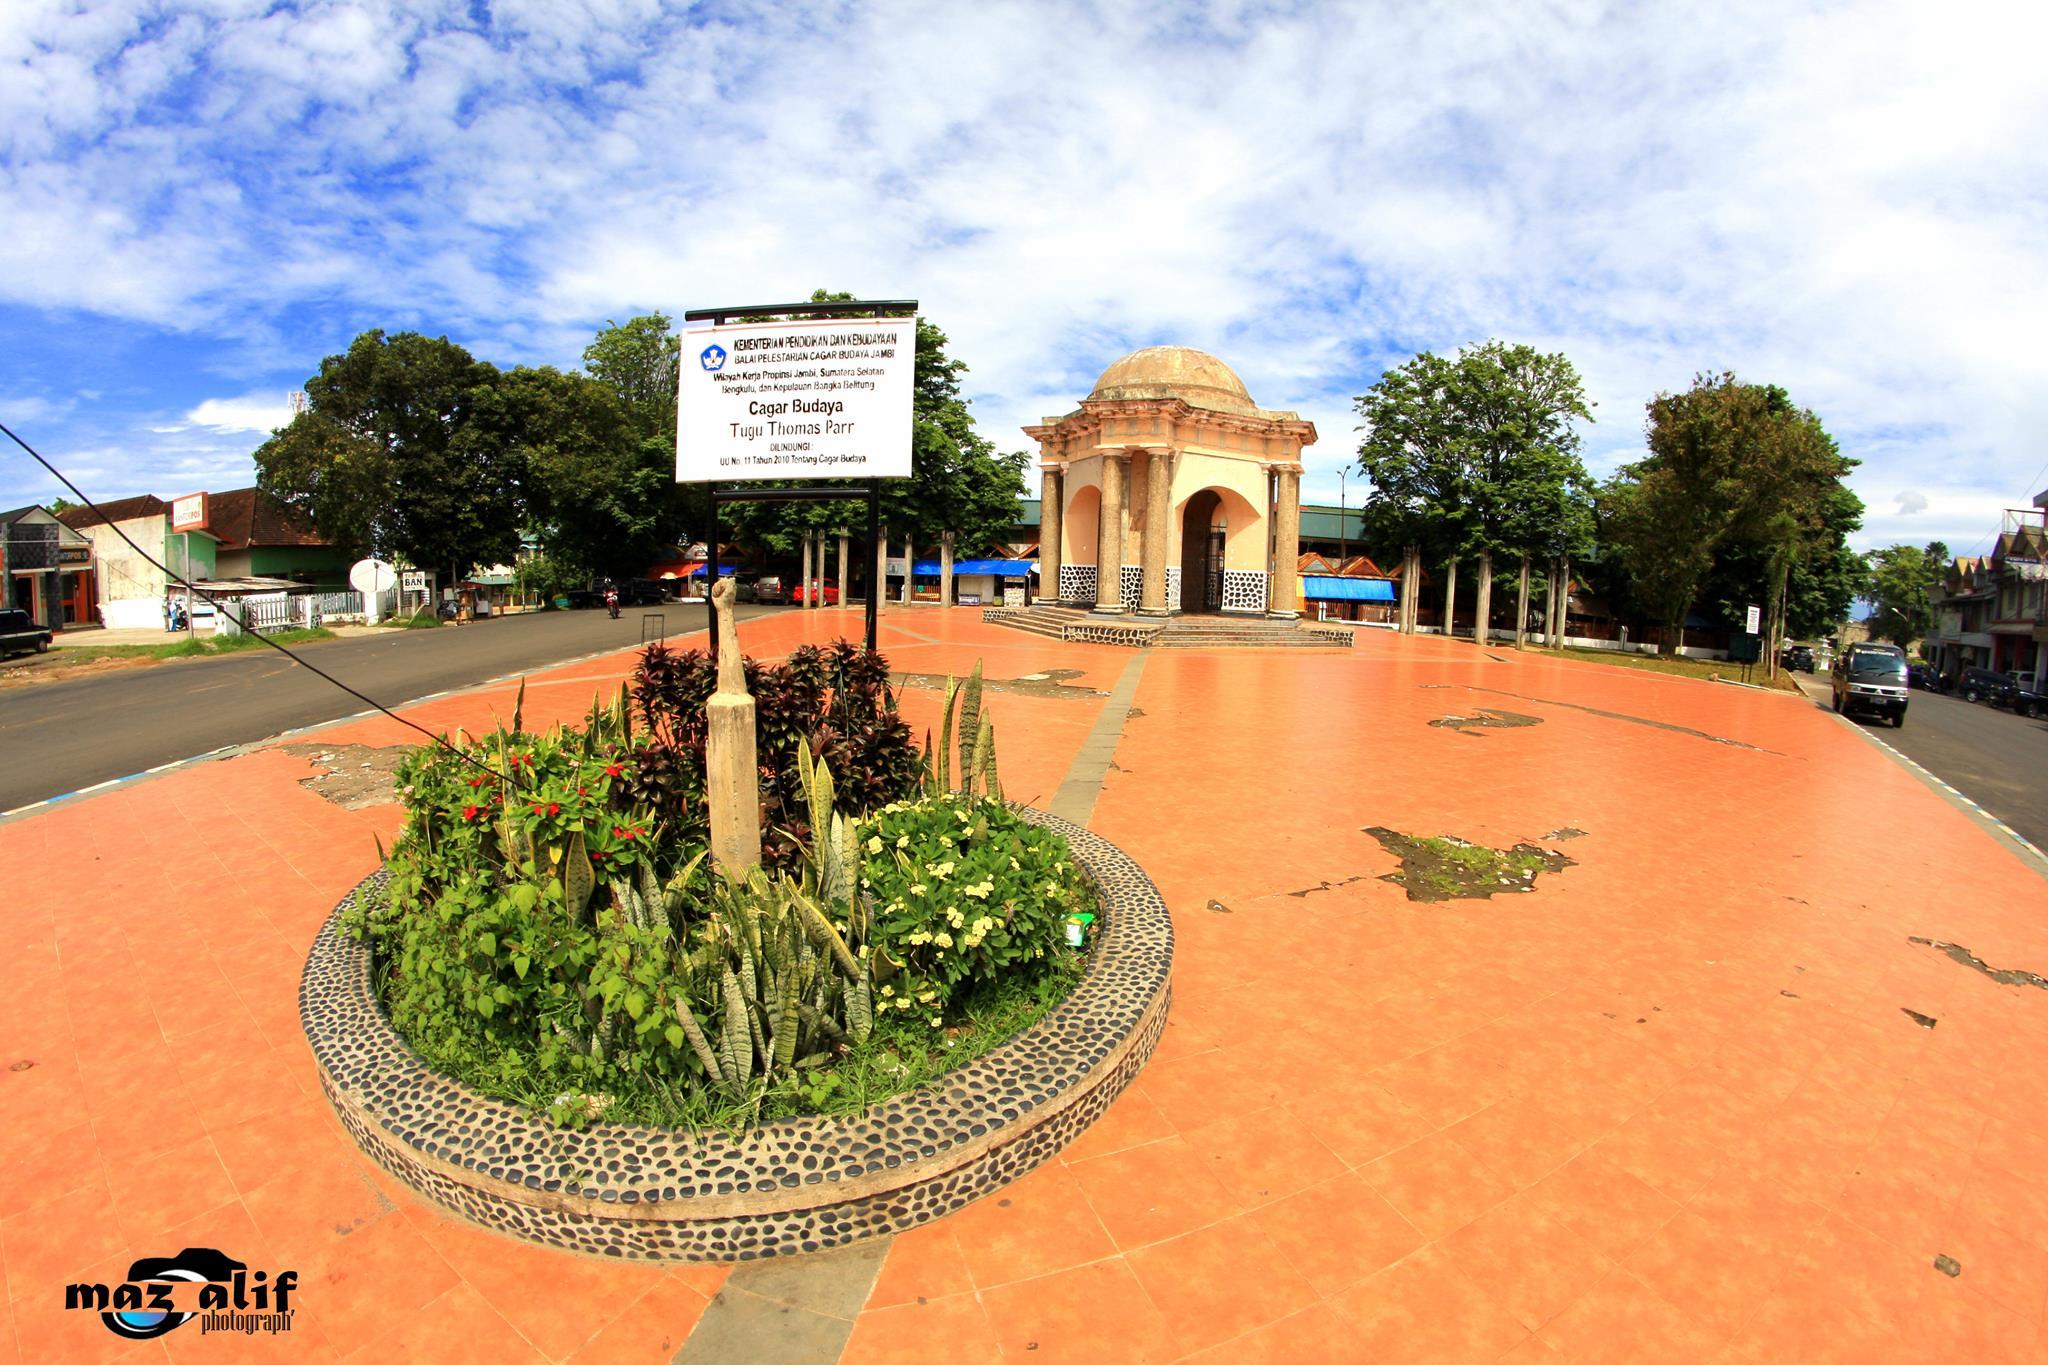 Sejarah Pemerintah Provinsi Bengkulu Pariwisata Tugu Thomas Parr Monumen Kota